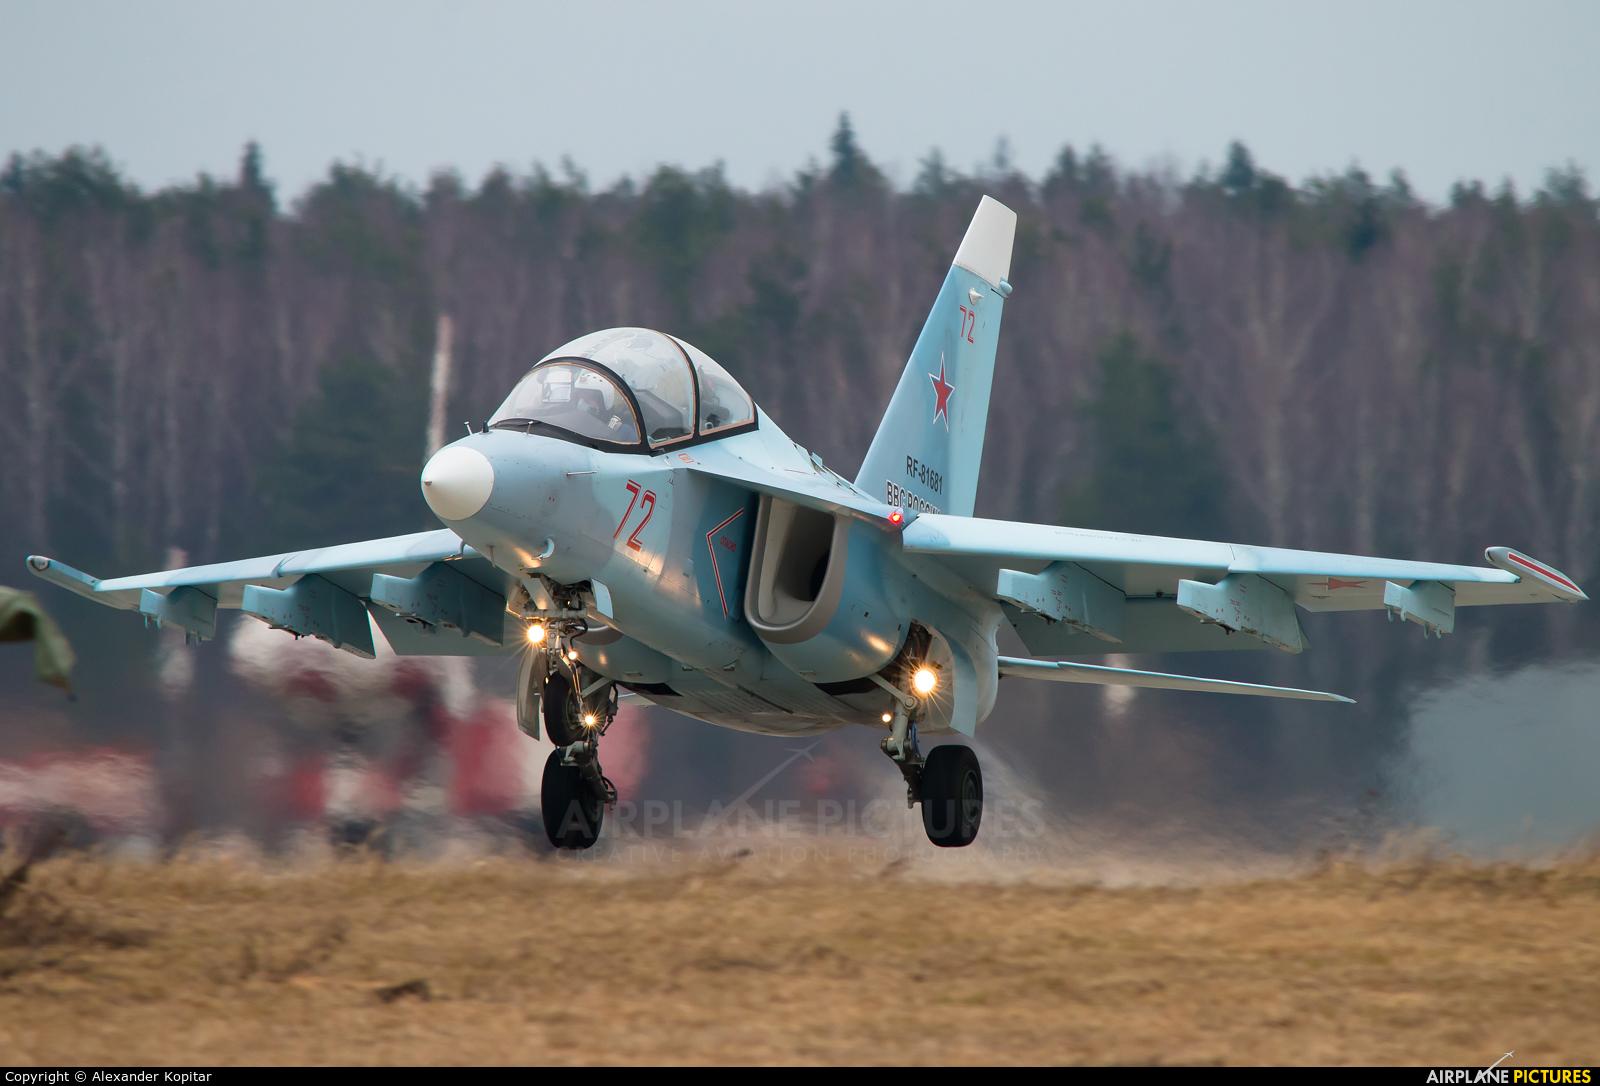 Russia - Air Force RF-81681 aircraft at Kubinka